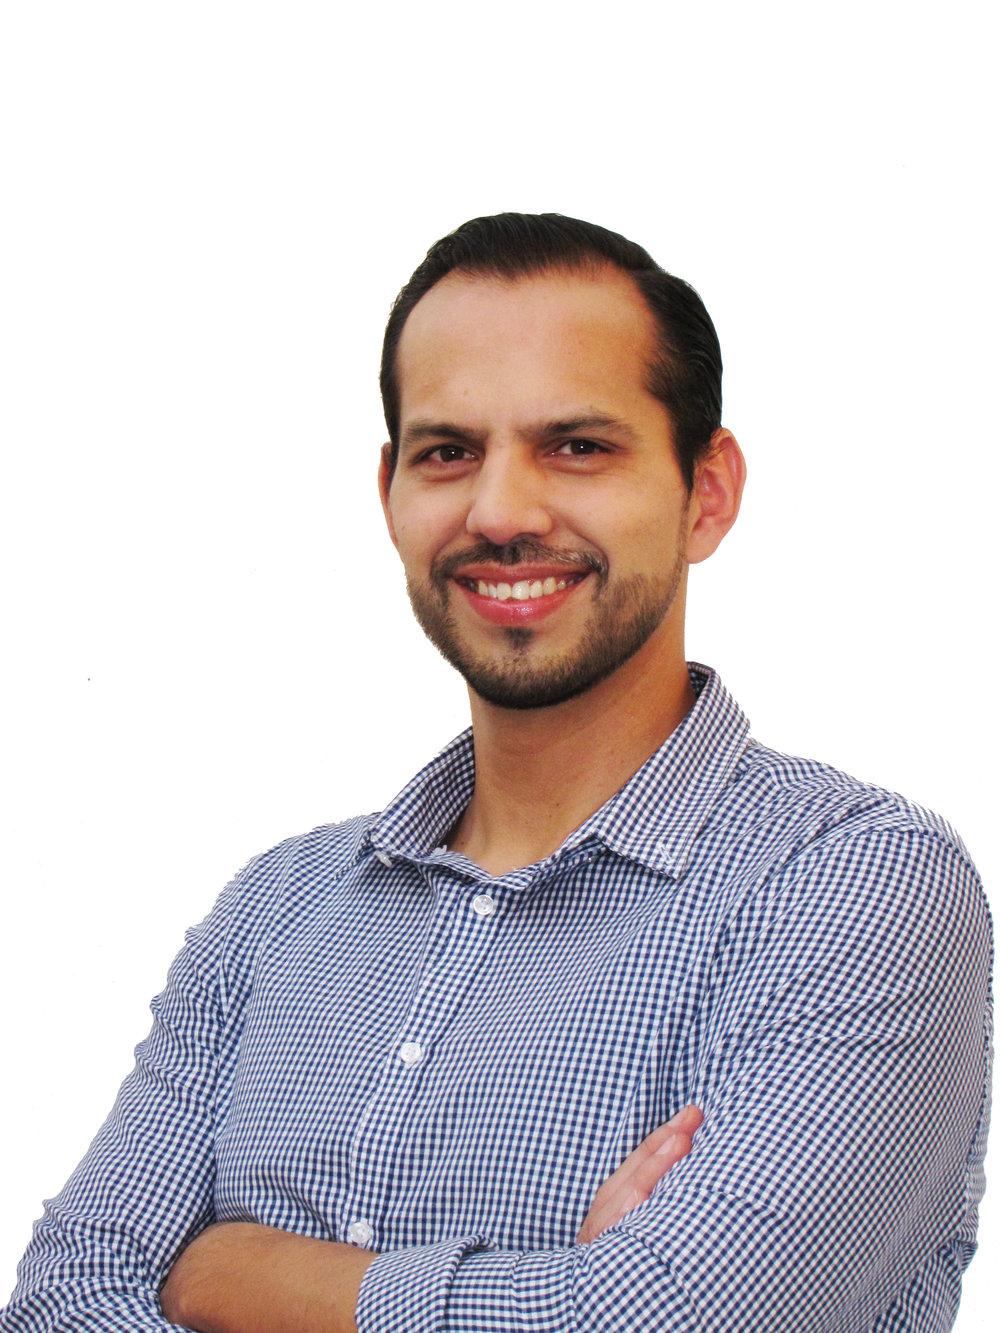 Andrés Briseño_fondo blanco.jpg